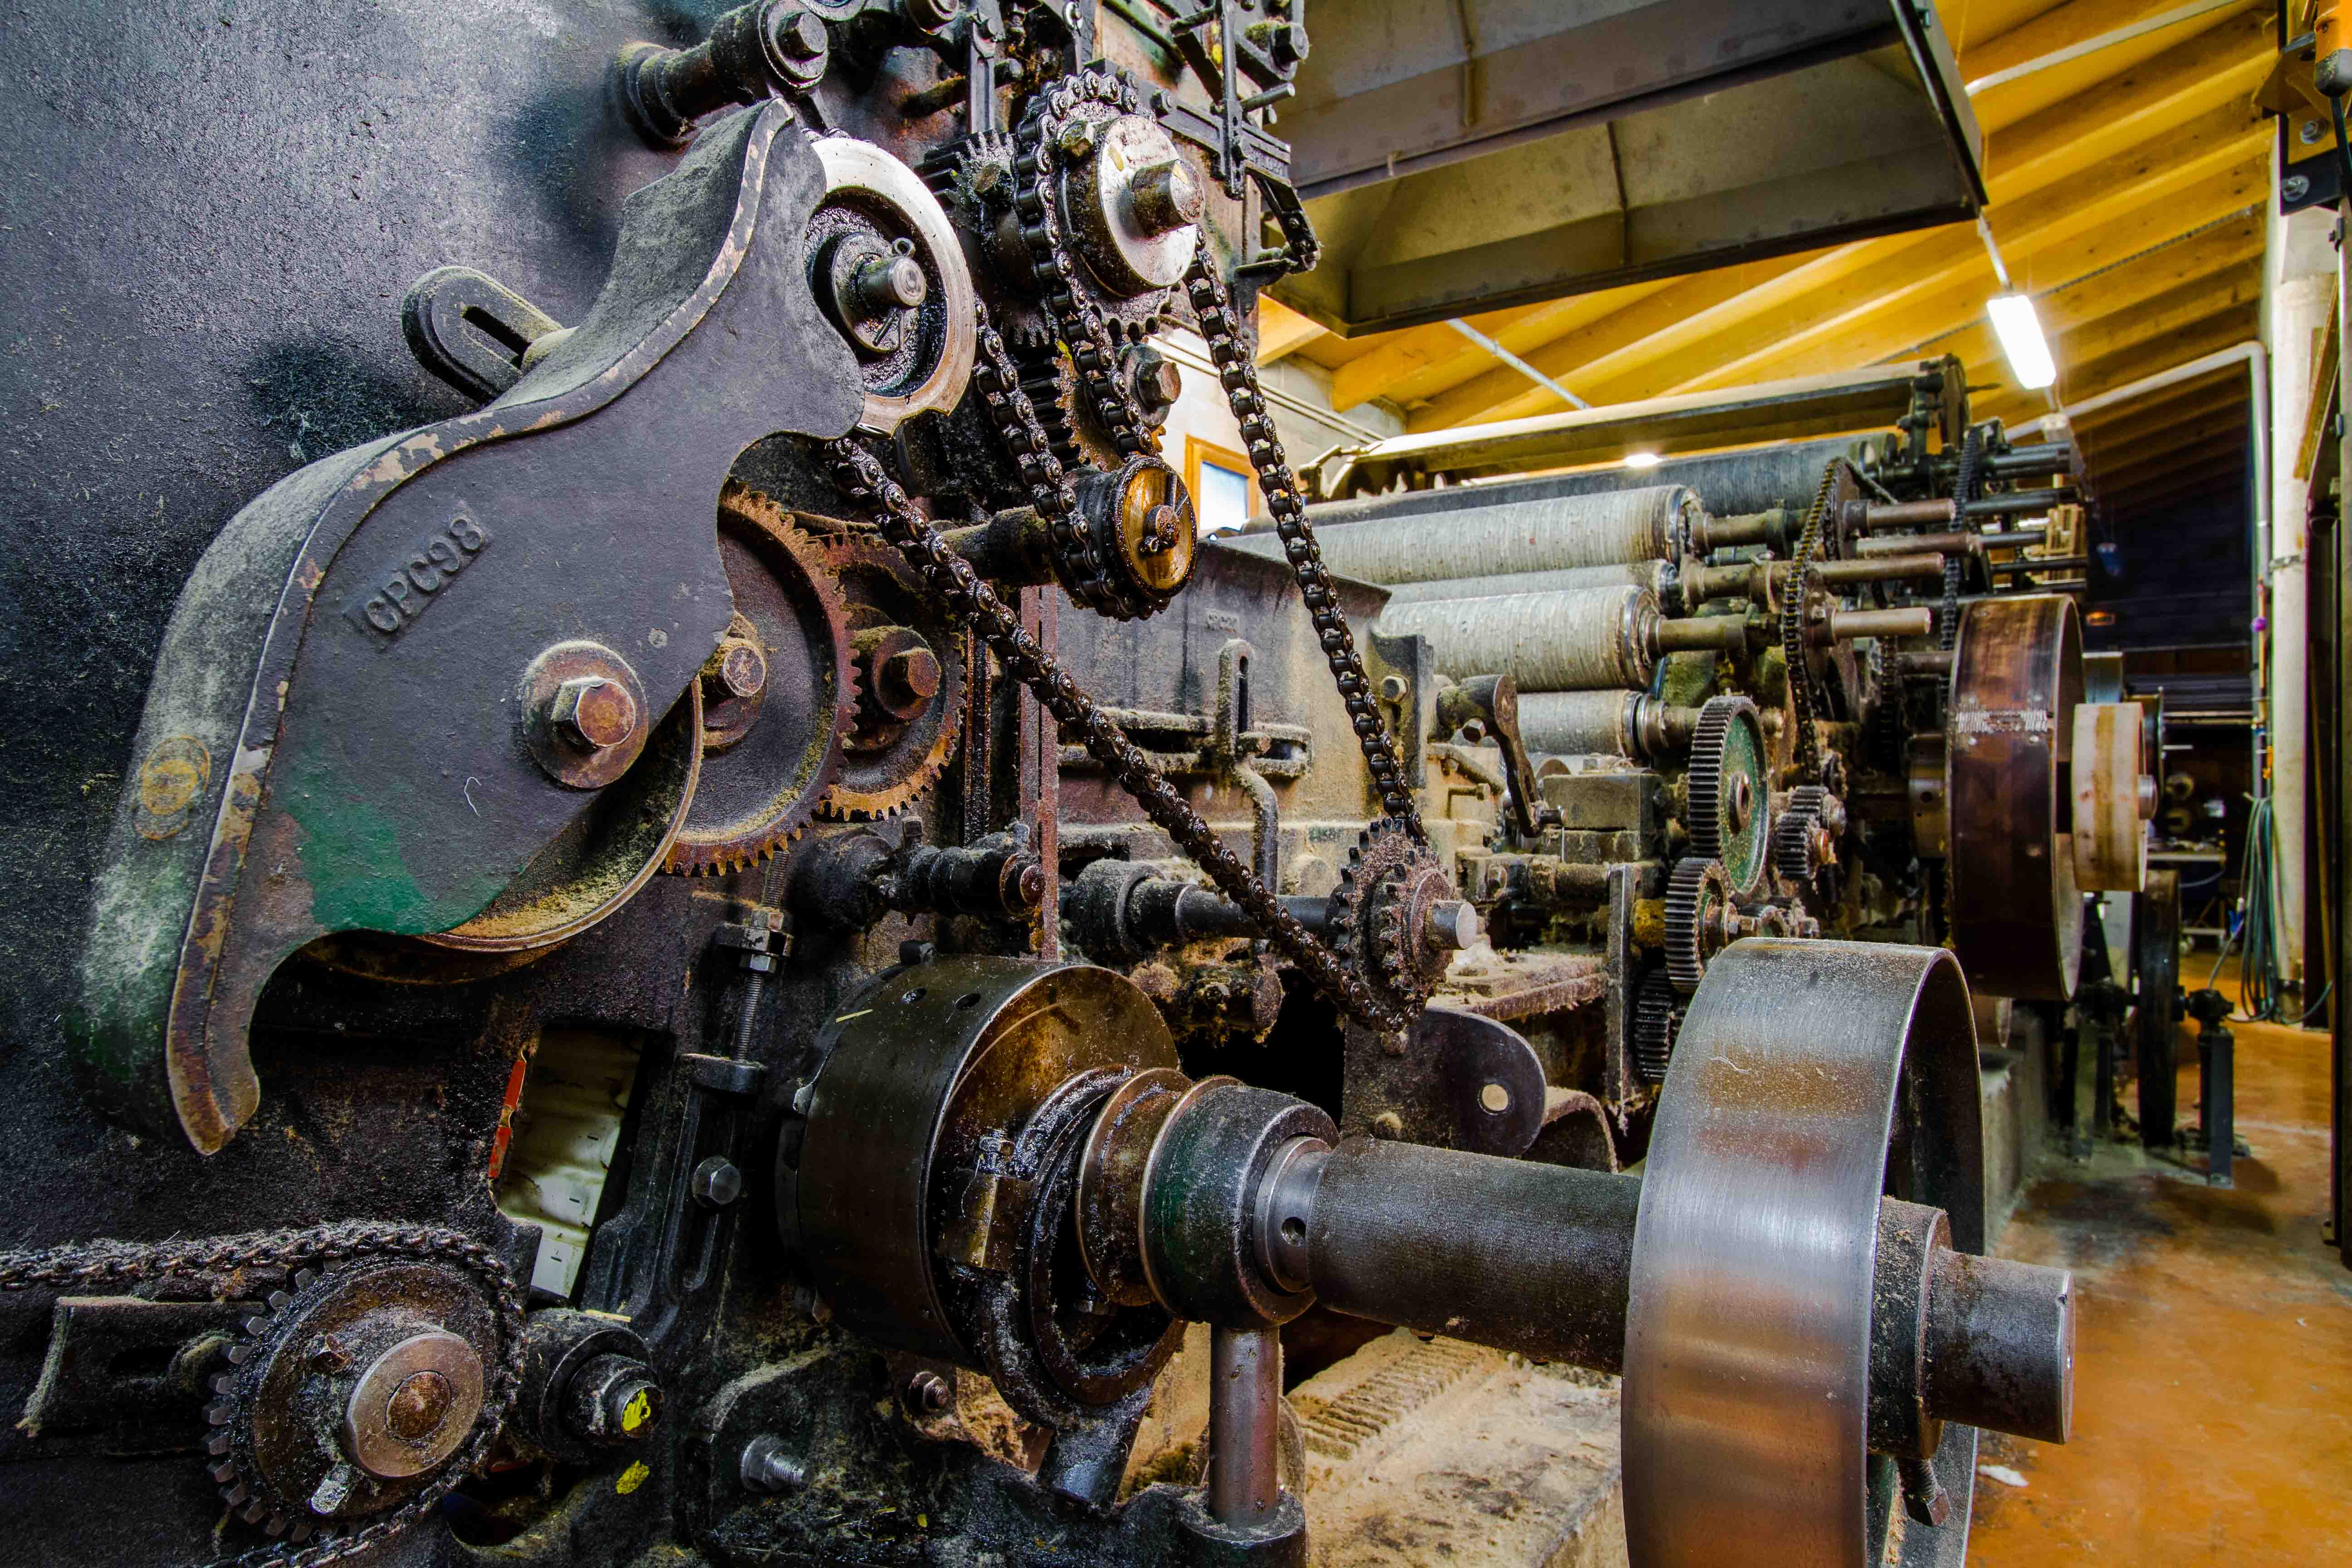 cardeuse nappeuse Ardelaine visite machines en fonctionnement